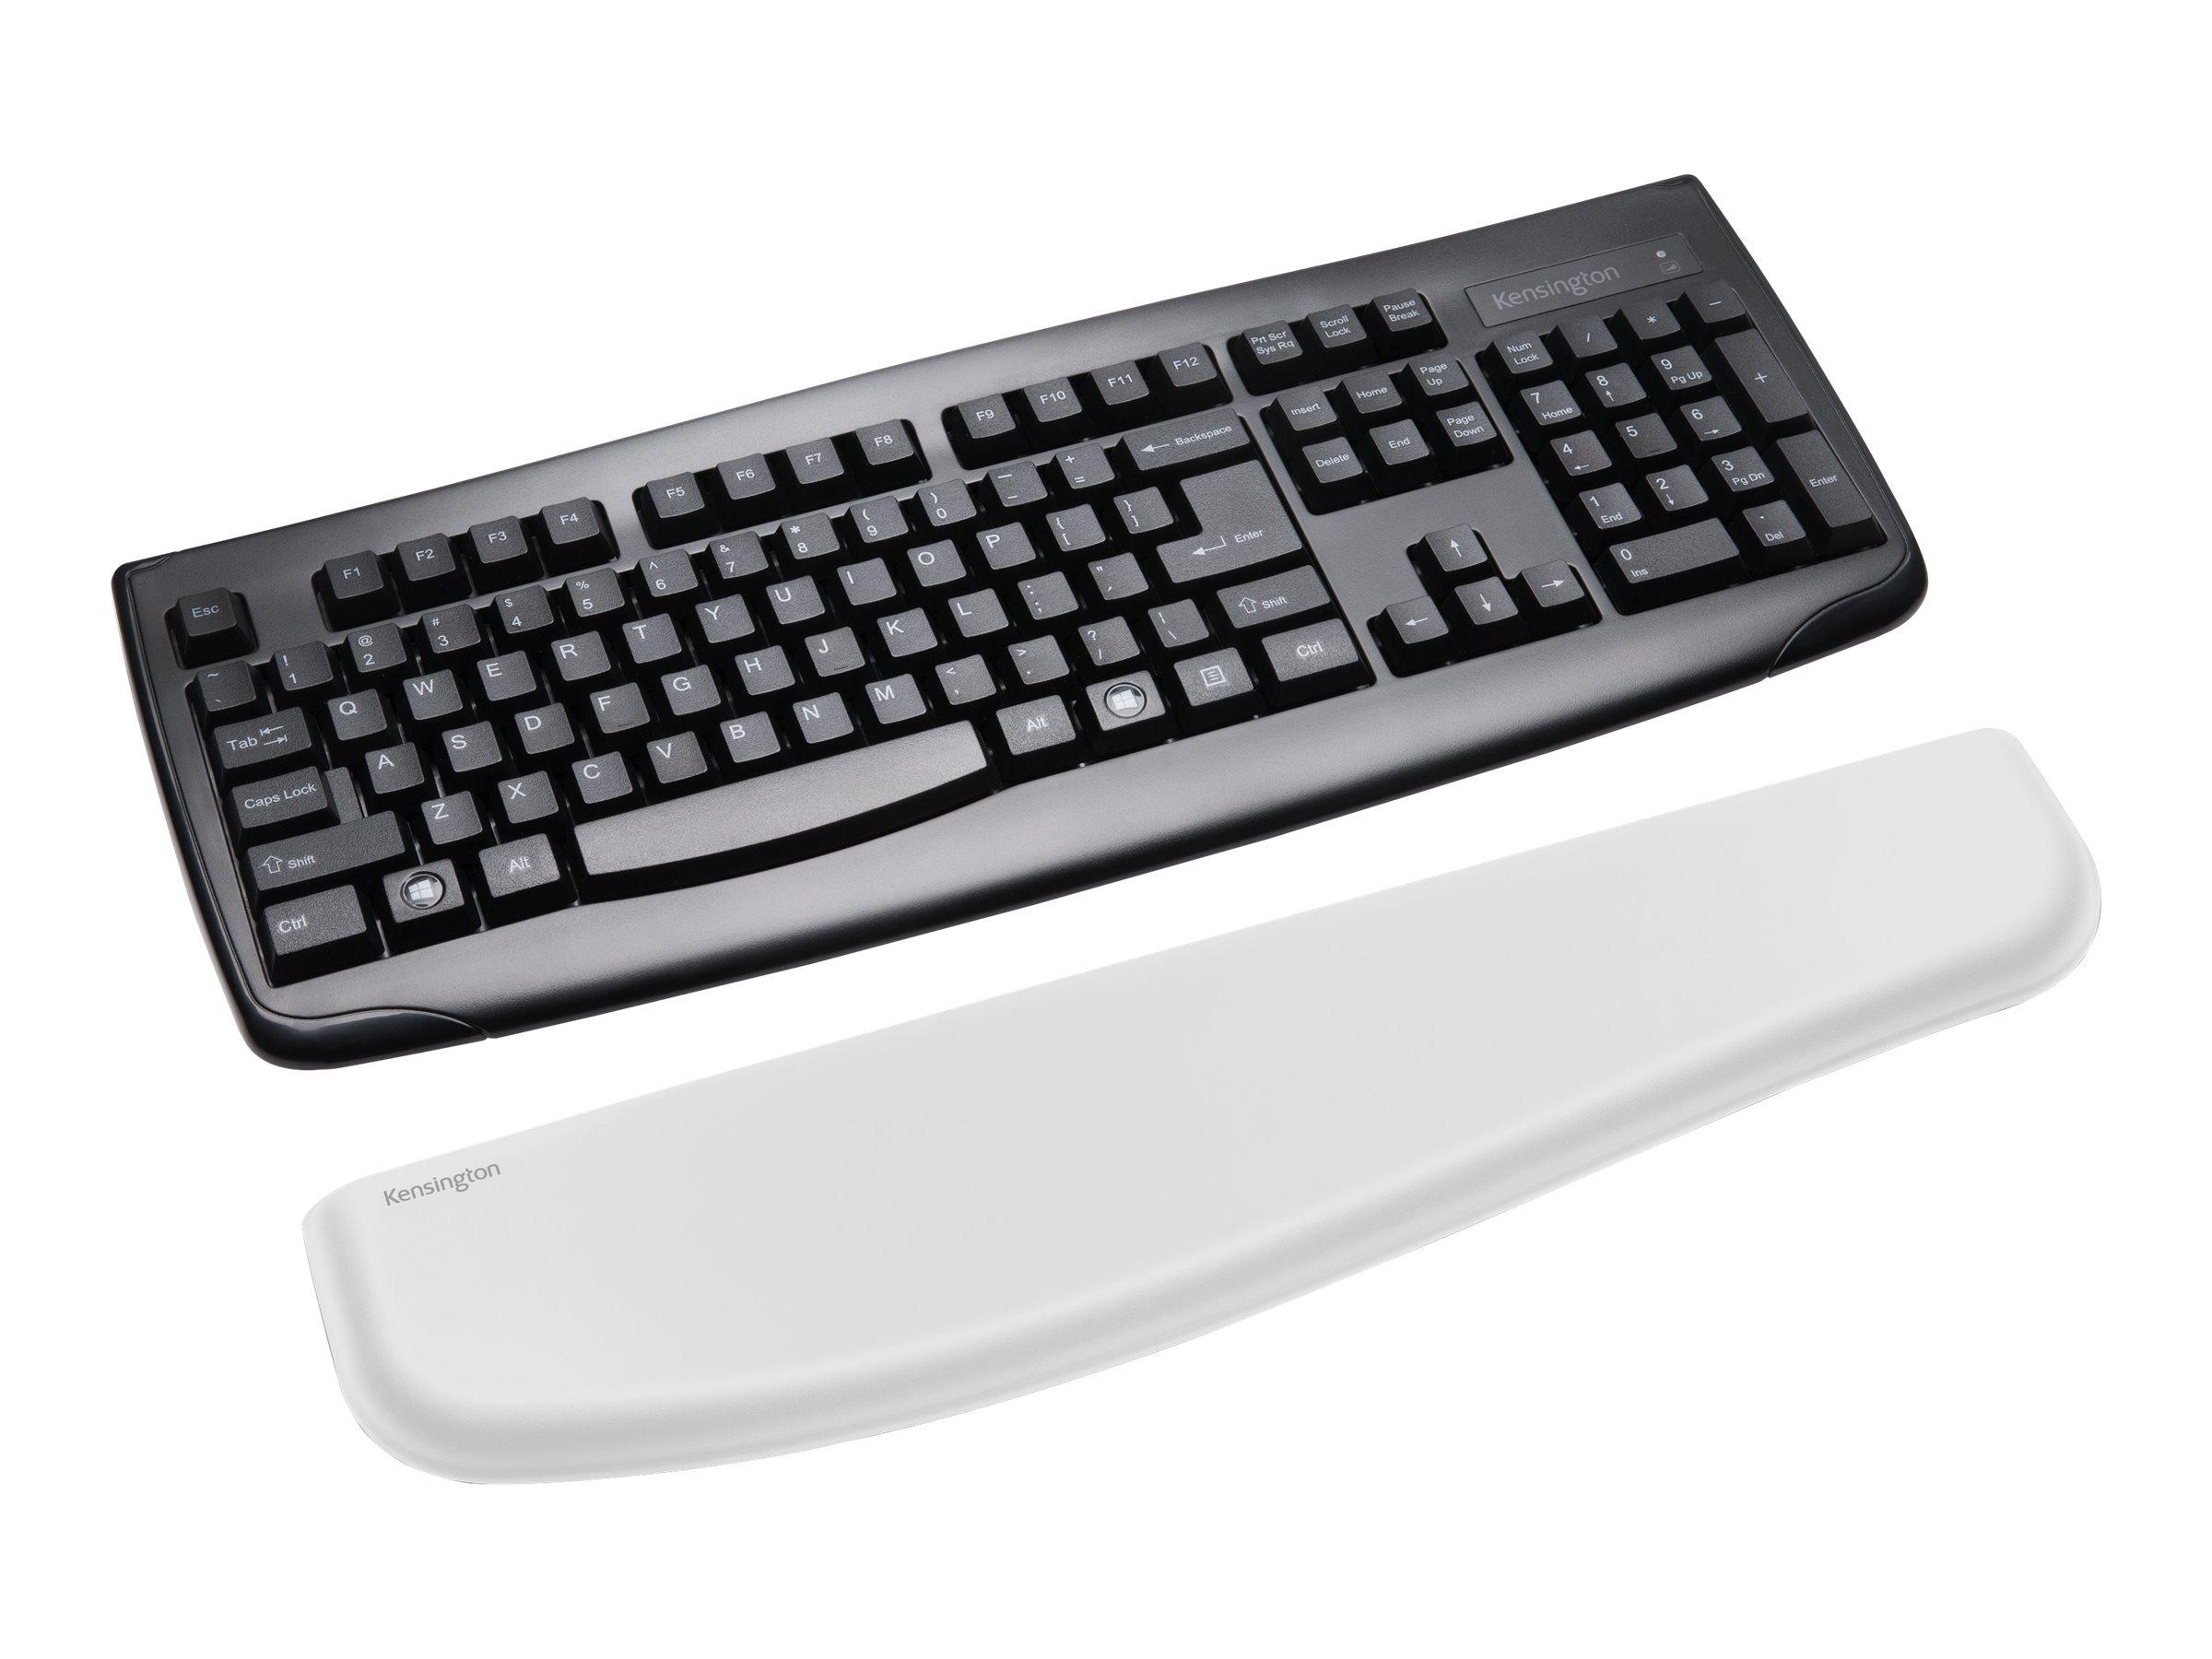 Kensington ErgoSoft Wrist Rest for Standard Keyboards - Tastatur-Handgelenkauflage - Grau